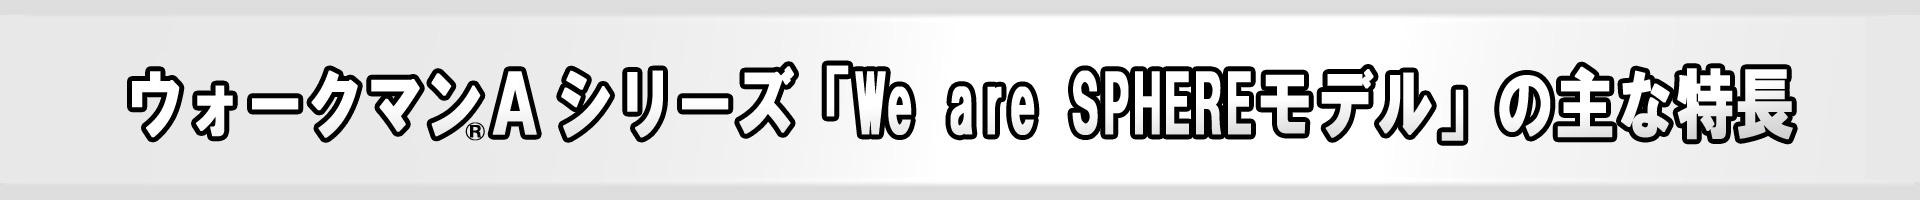 ウォークマンAシリーズ 「We are SPHEREモデル」の主な特長